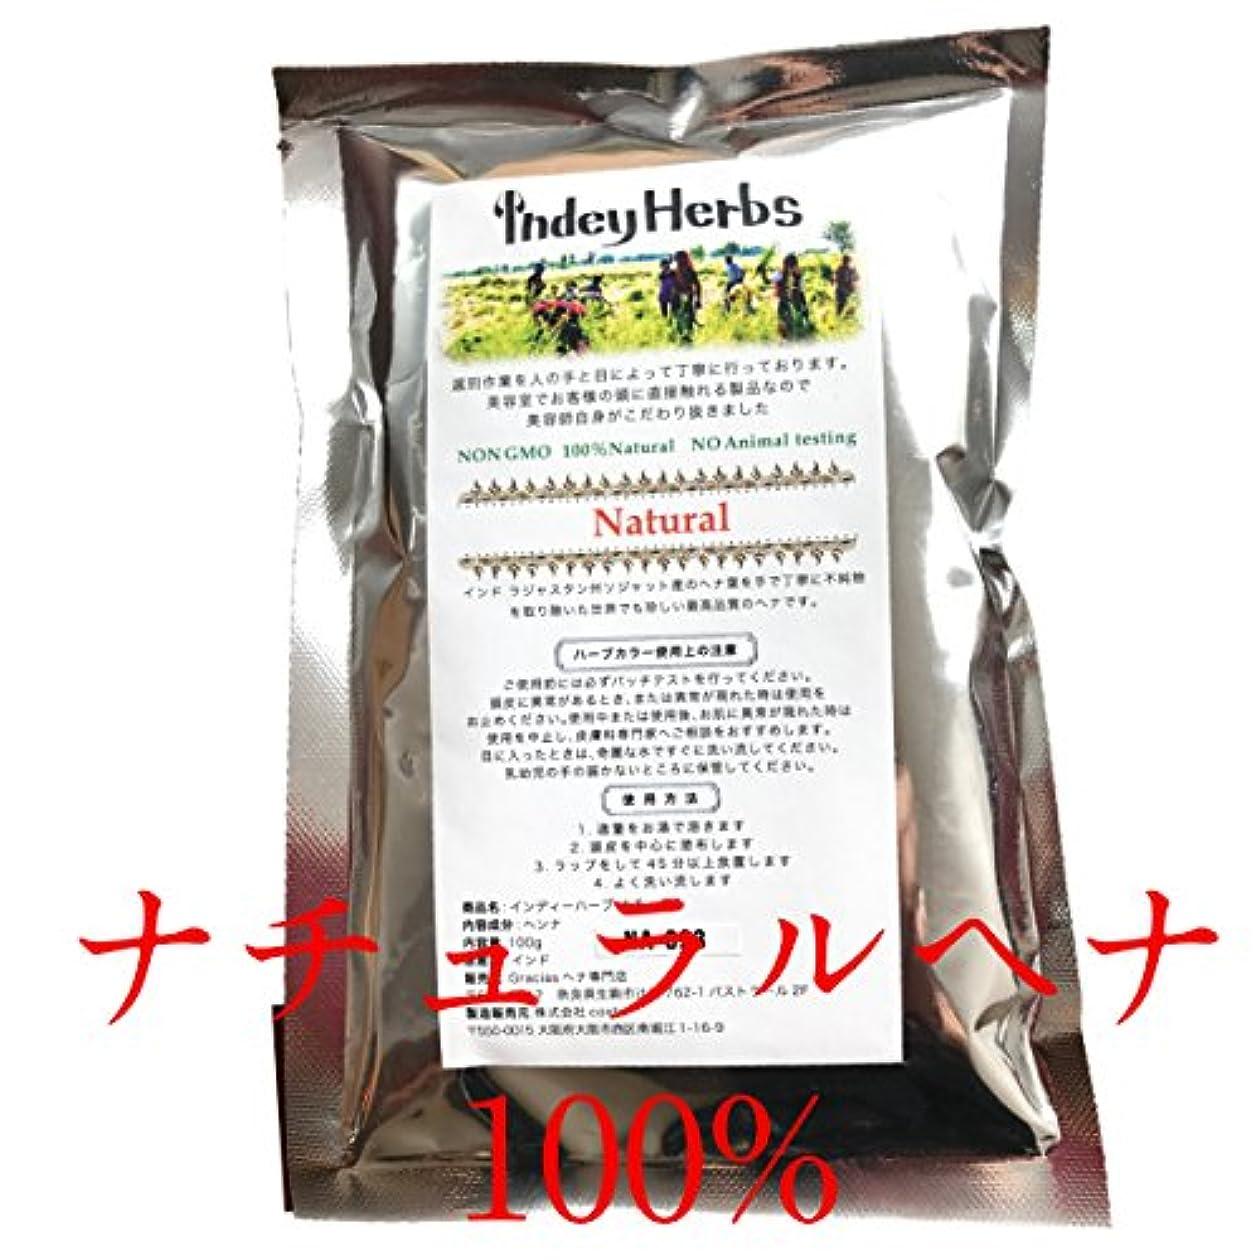 容赦ないドアミラーサラダ天然ヘナ100% インディーハーブナチュラル100g(オレンジ)